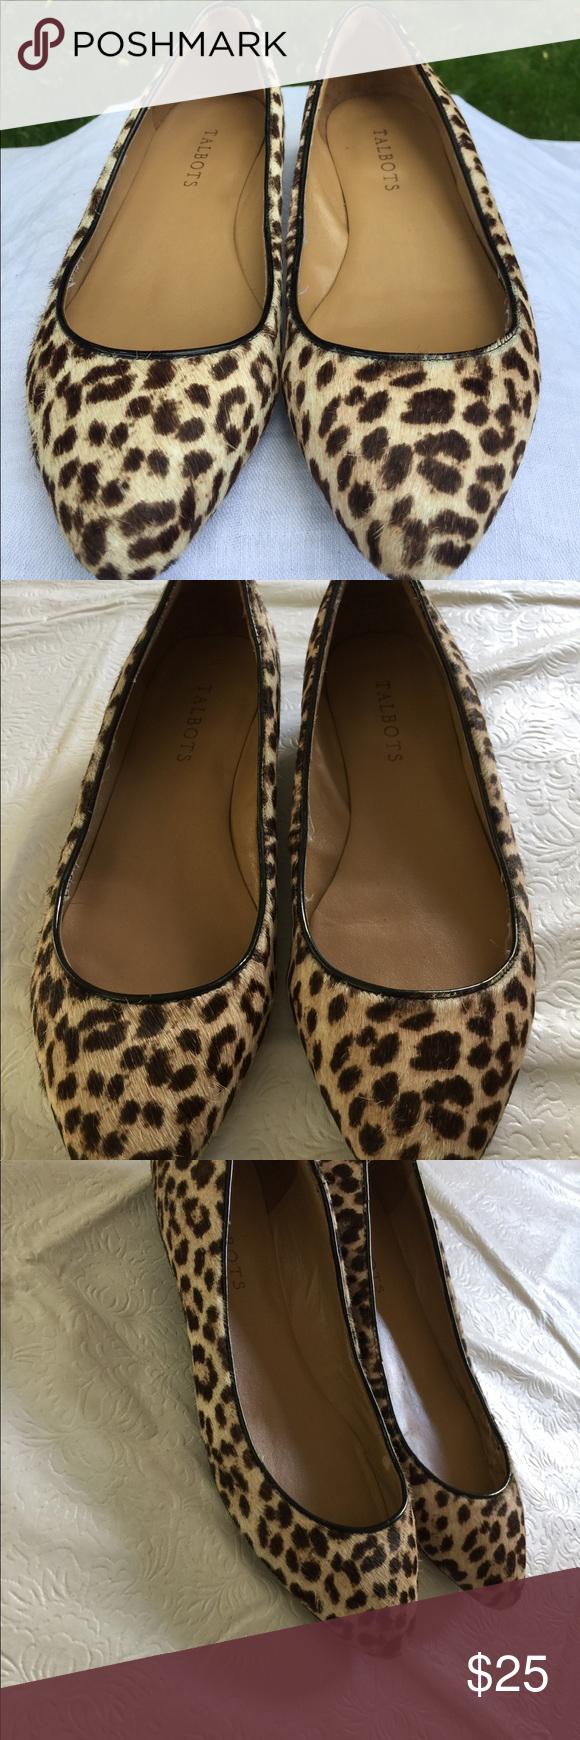 Talbots leopard flats | Clothes design